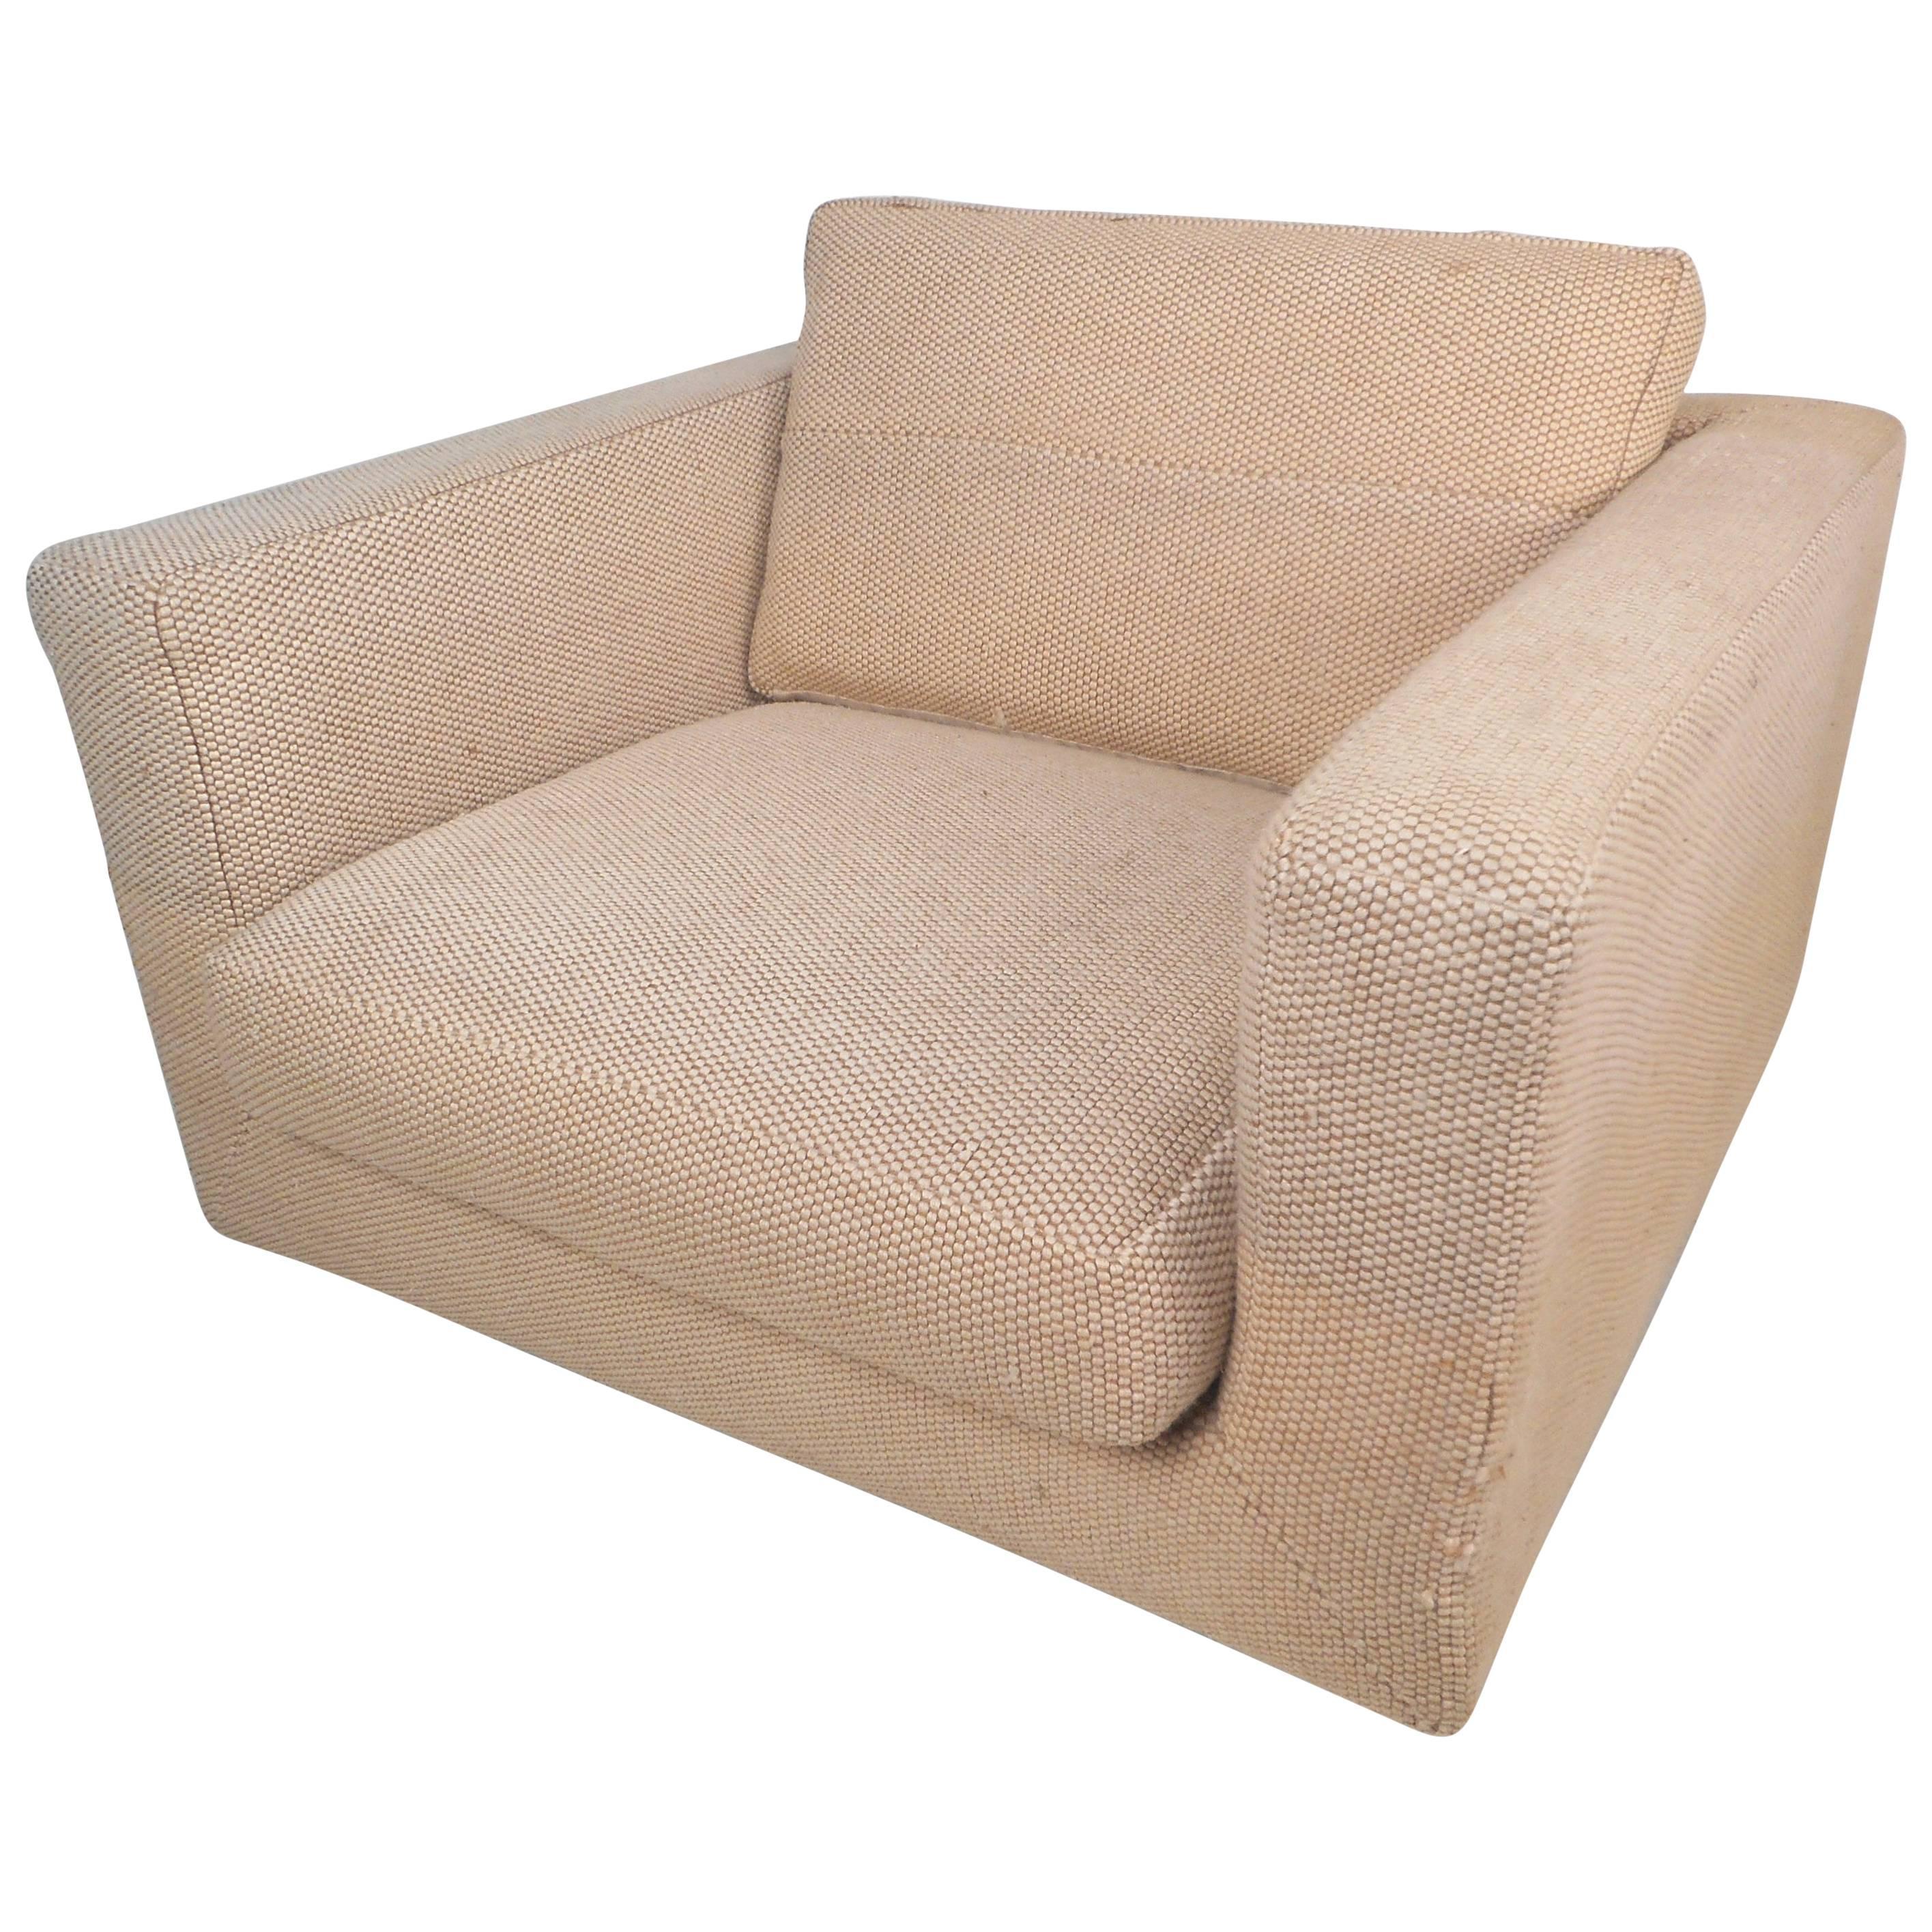 Impressive Mid-Century Modern Club Chair by Dunbar